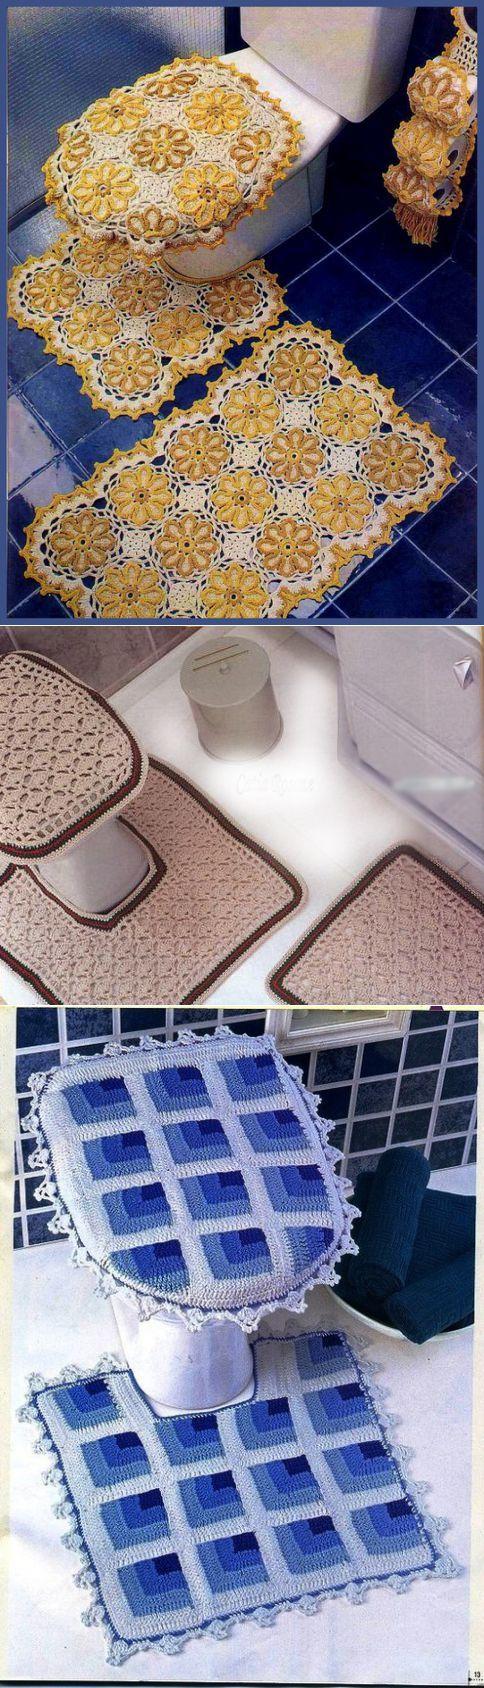 Мега-коллекция комплектов для ванной комнаты   Умелые ручки   Для уюта   Постила